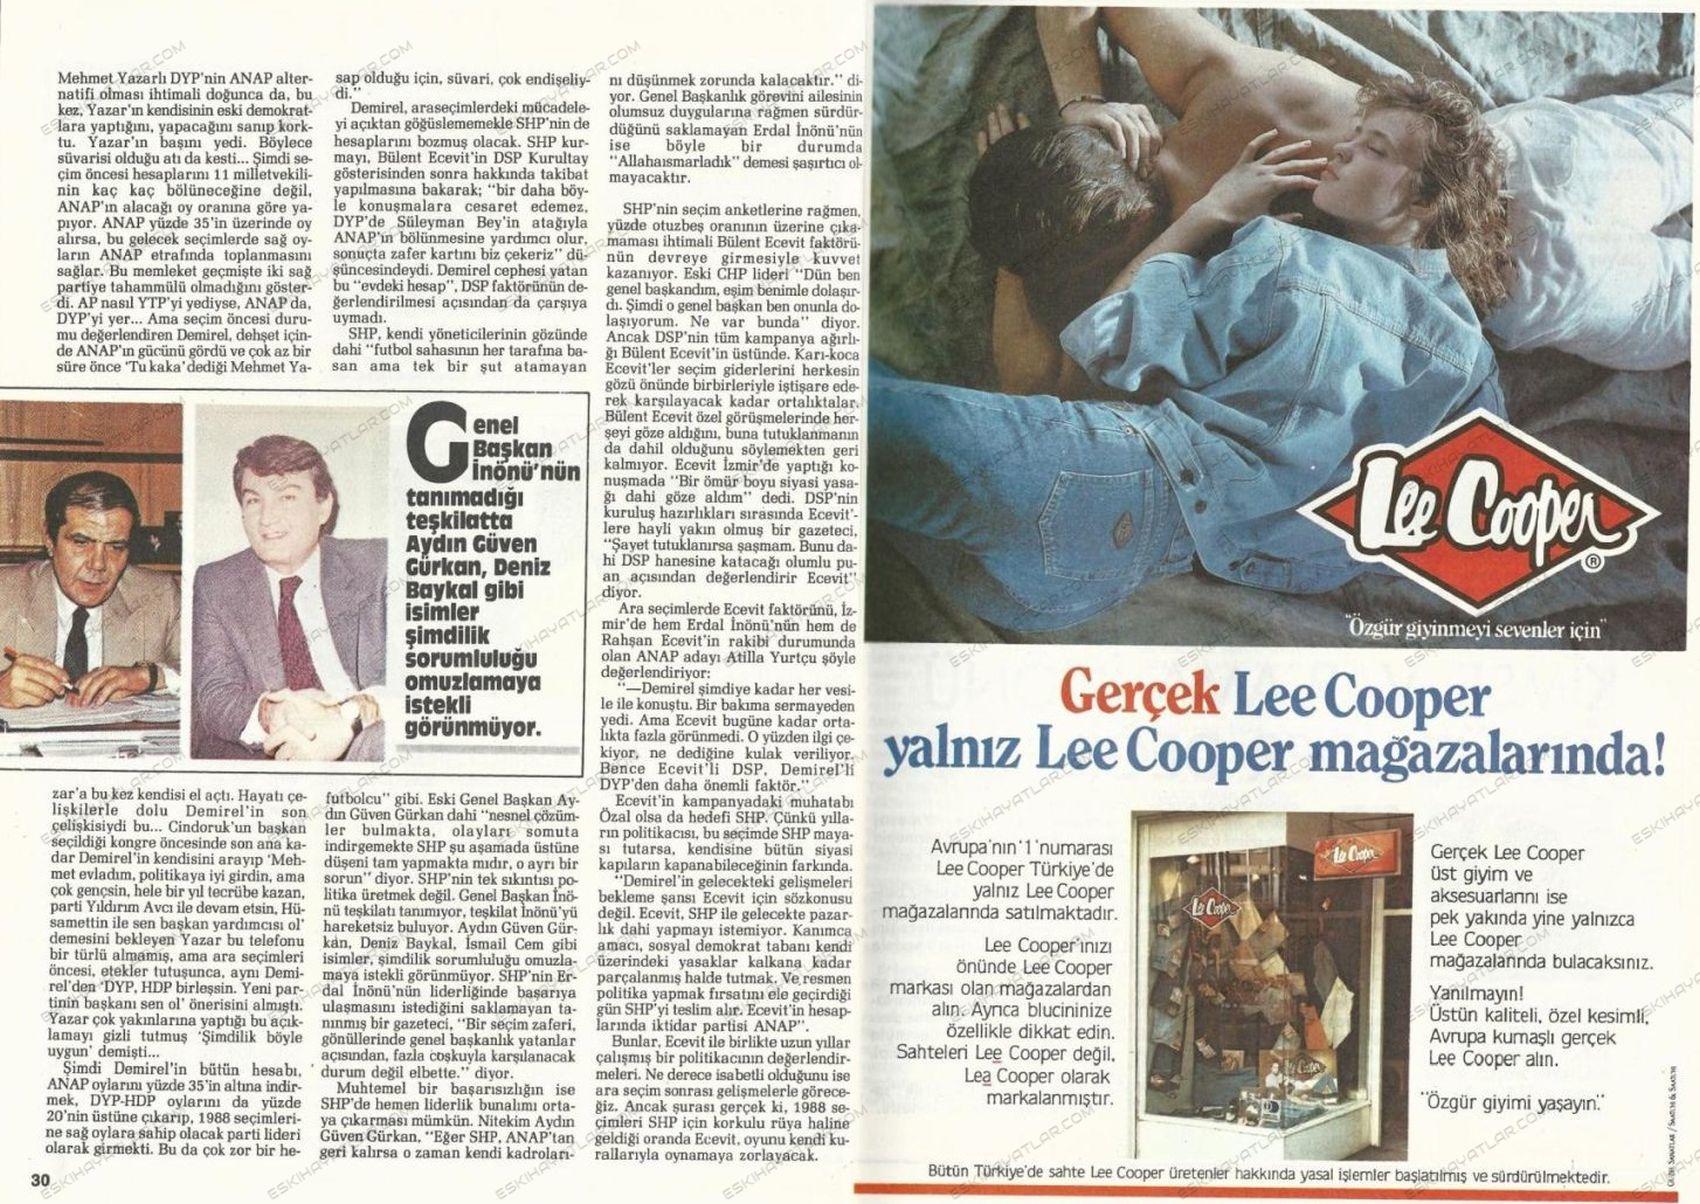 0288-seksenlerde-siyaset-turgut-ozal-erdal-inonu-suleyman-demirel-1986-erkekce-dergisi-murat-karayalcin (6)